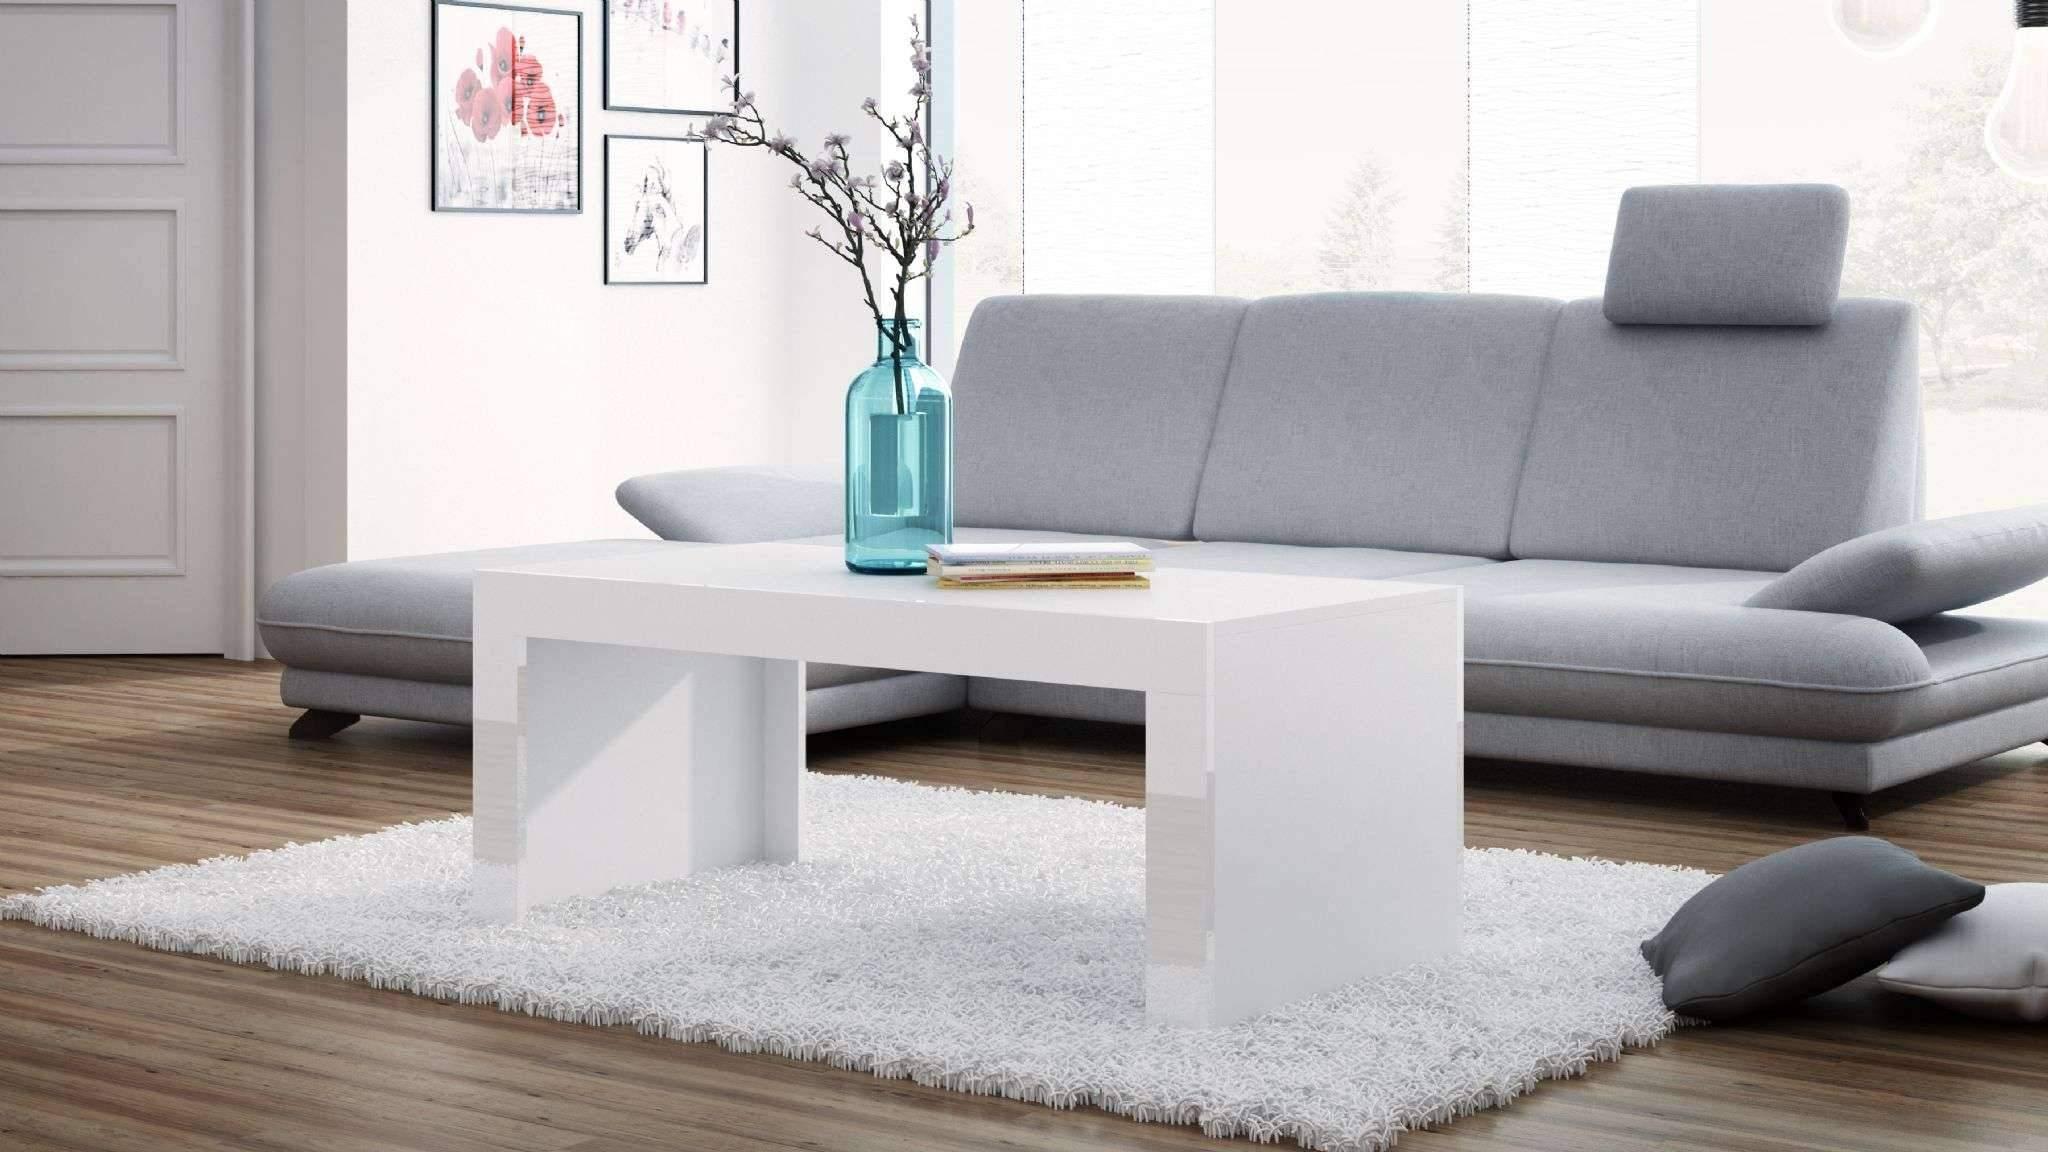 dekoideen wohnzimmer selber machen schon best wohnzimmer deko selber machen inspirations of dekoideen wohnzimmer selber machen